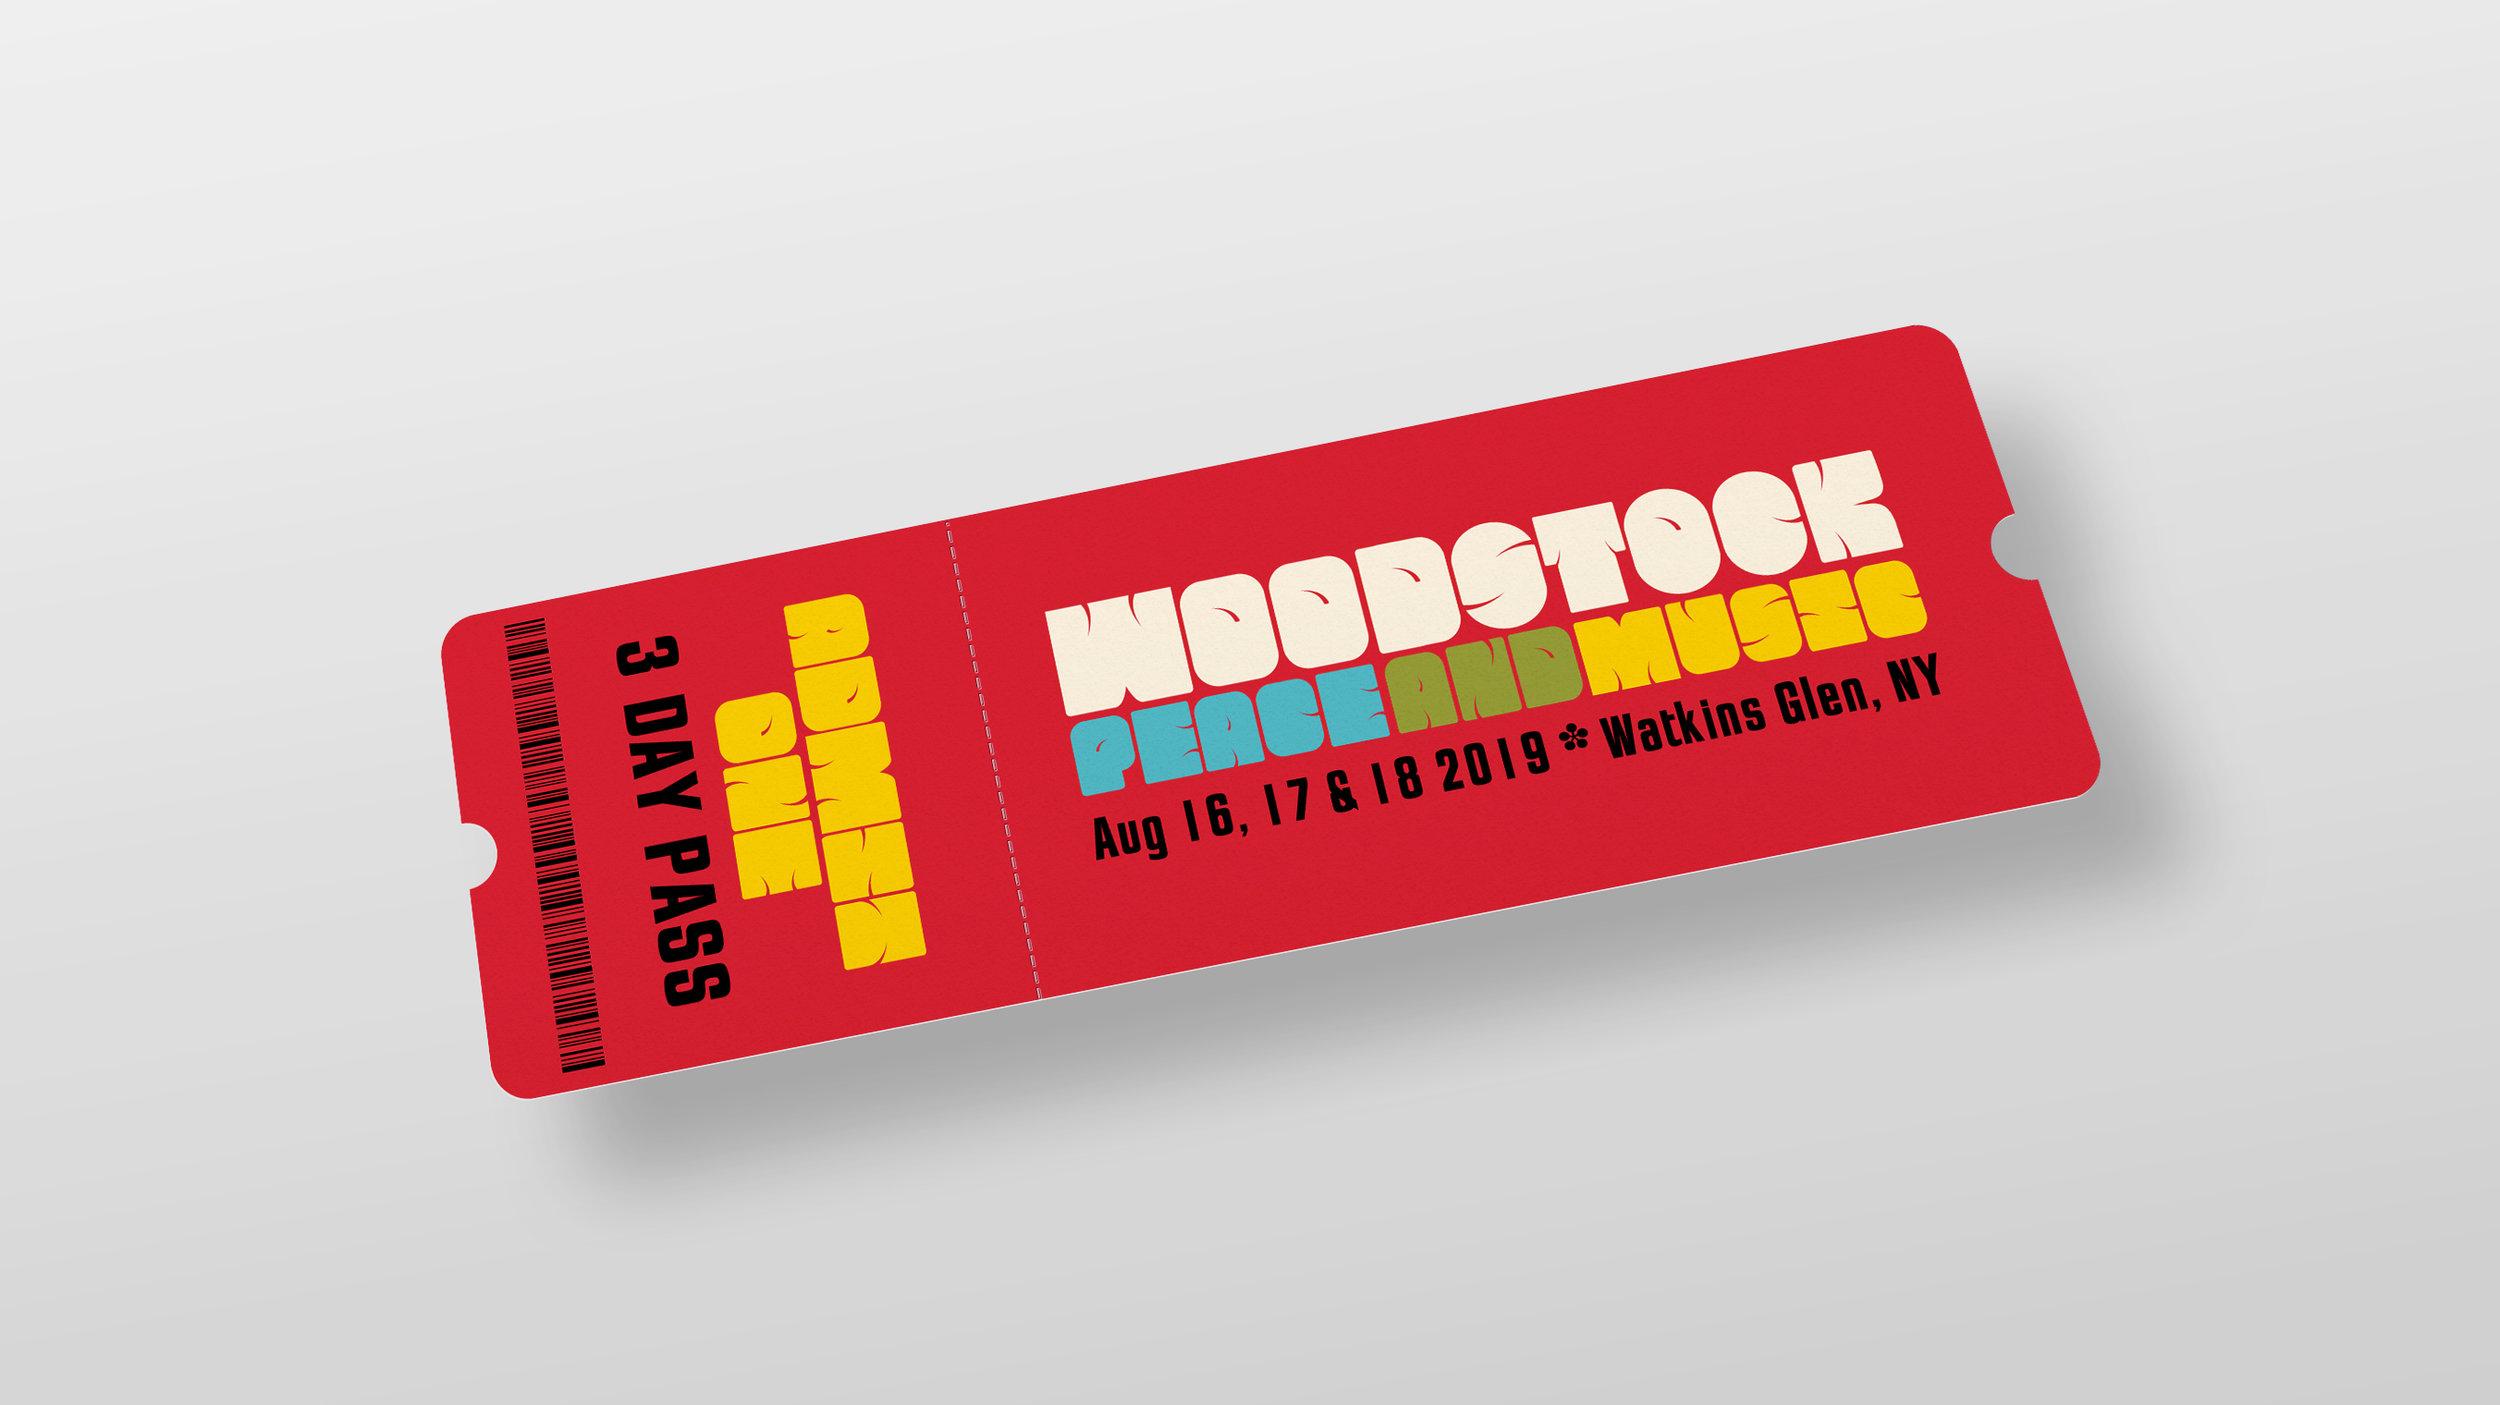 TicketMOCKUPwoodstock.jpg